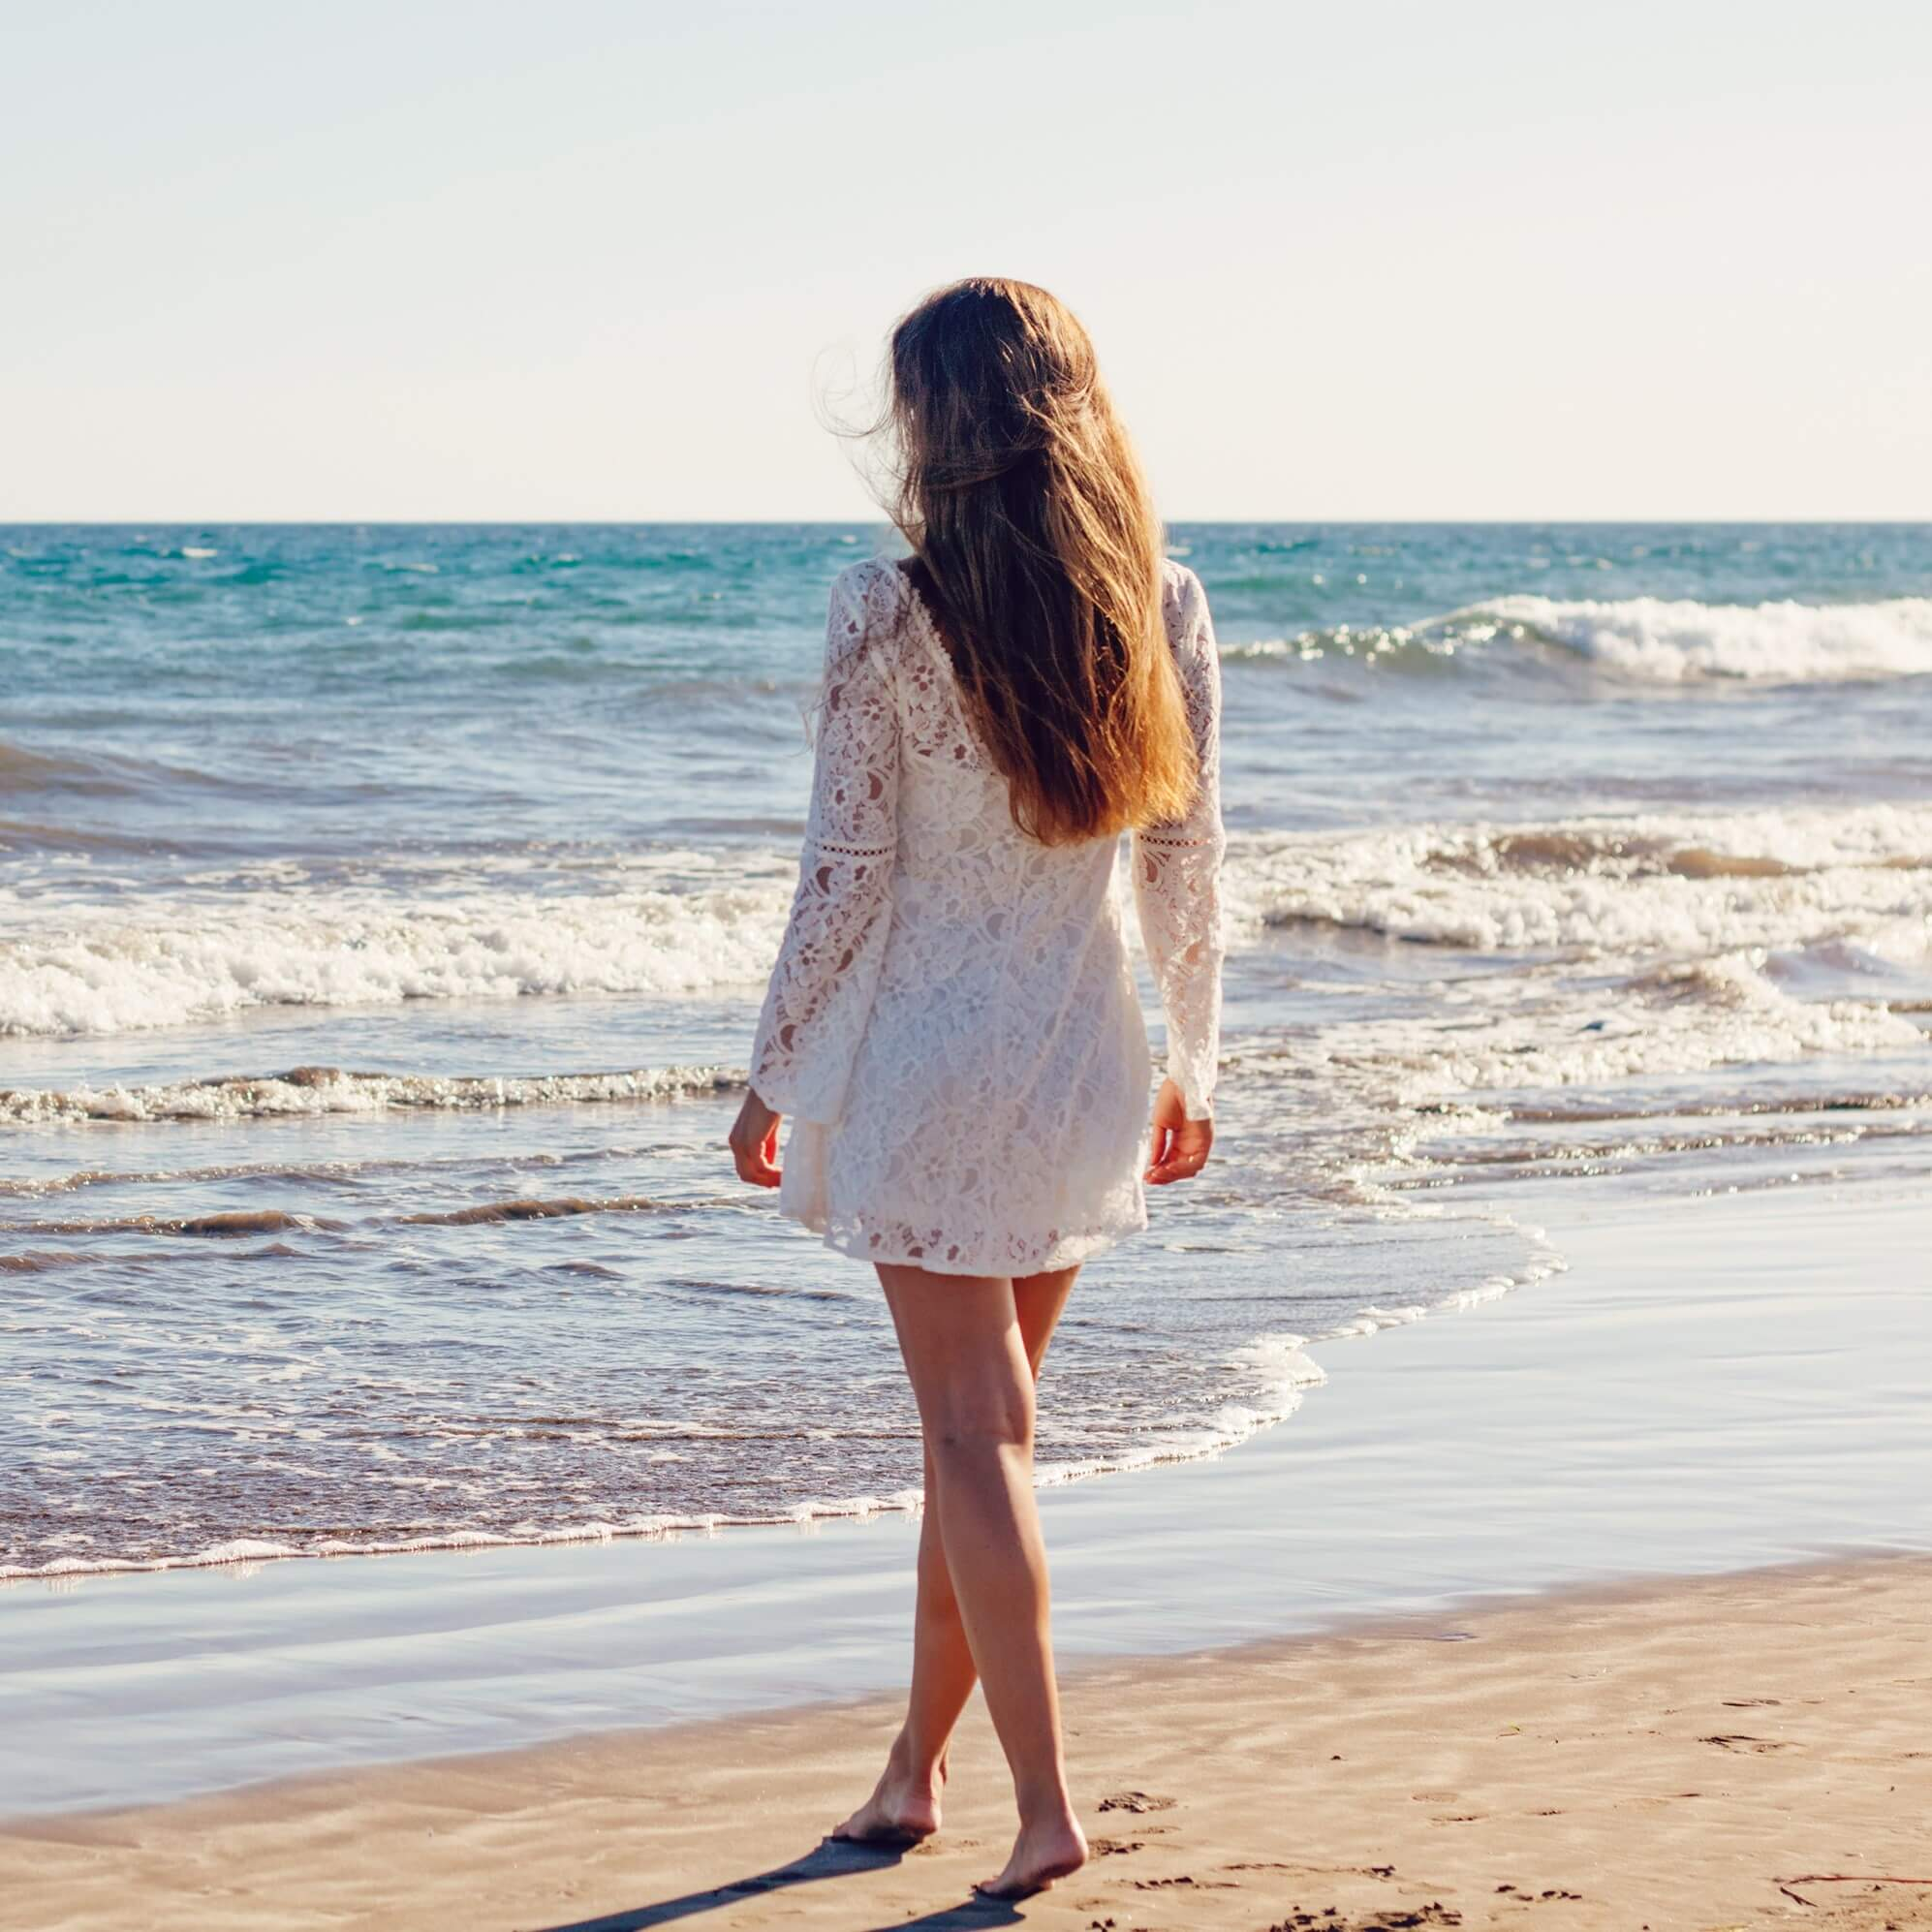 Πώς να διαχειριστούμε το άγχος μας: 8+1 τεχνικές για μια πιο ήρεμη καθημερινότητα